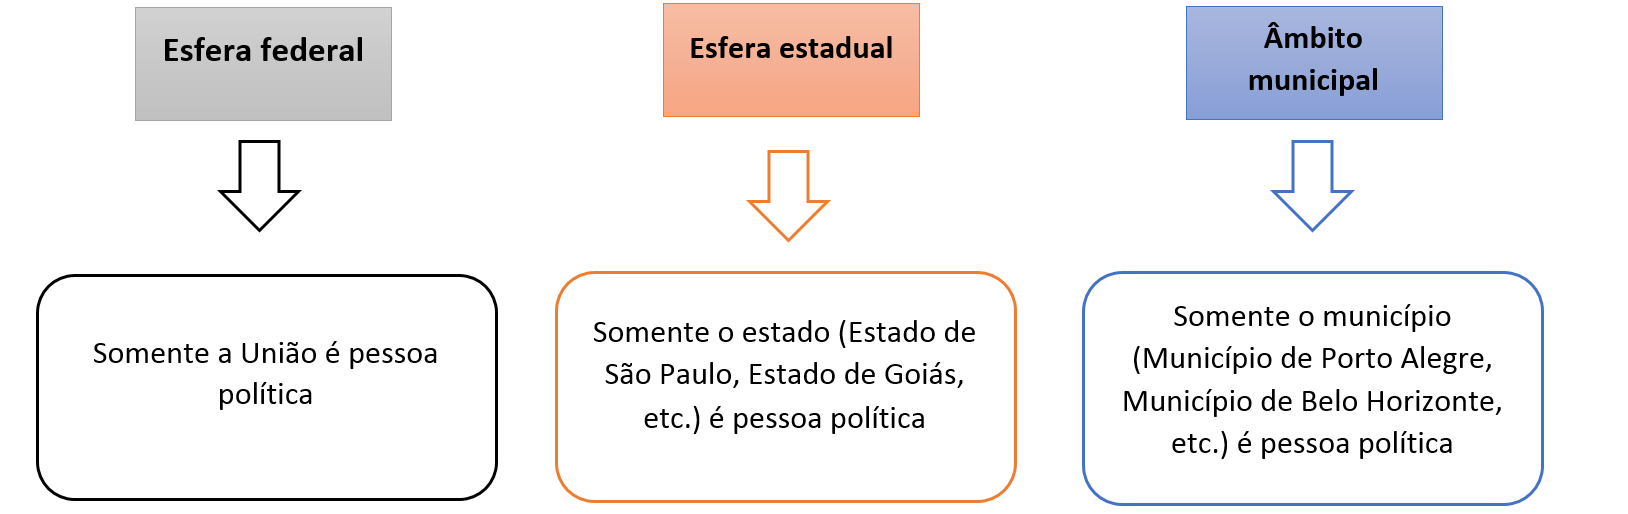 Noções gerais de Administração Pública